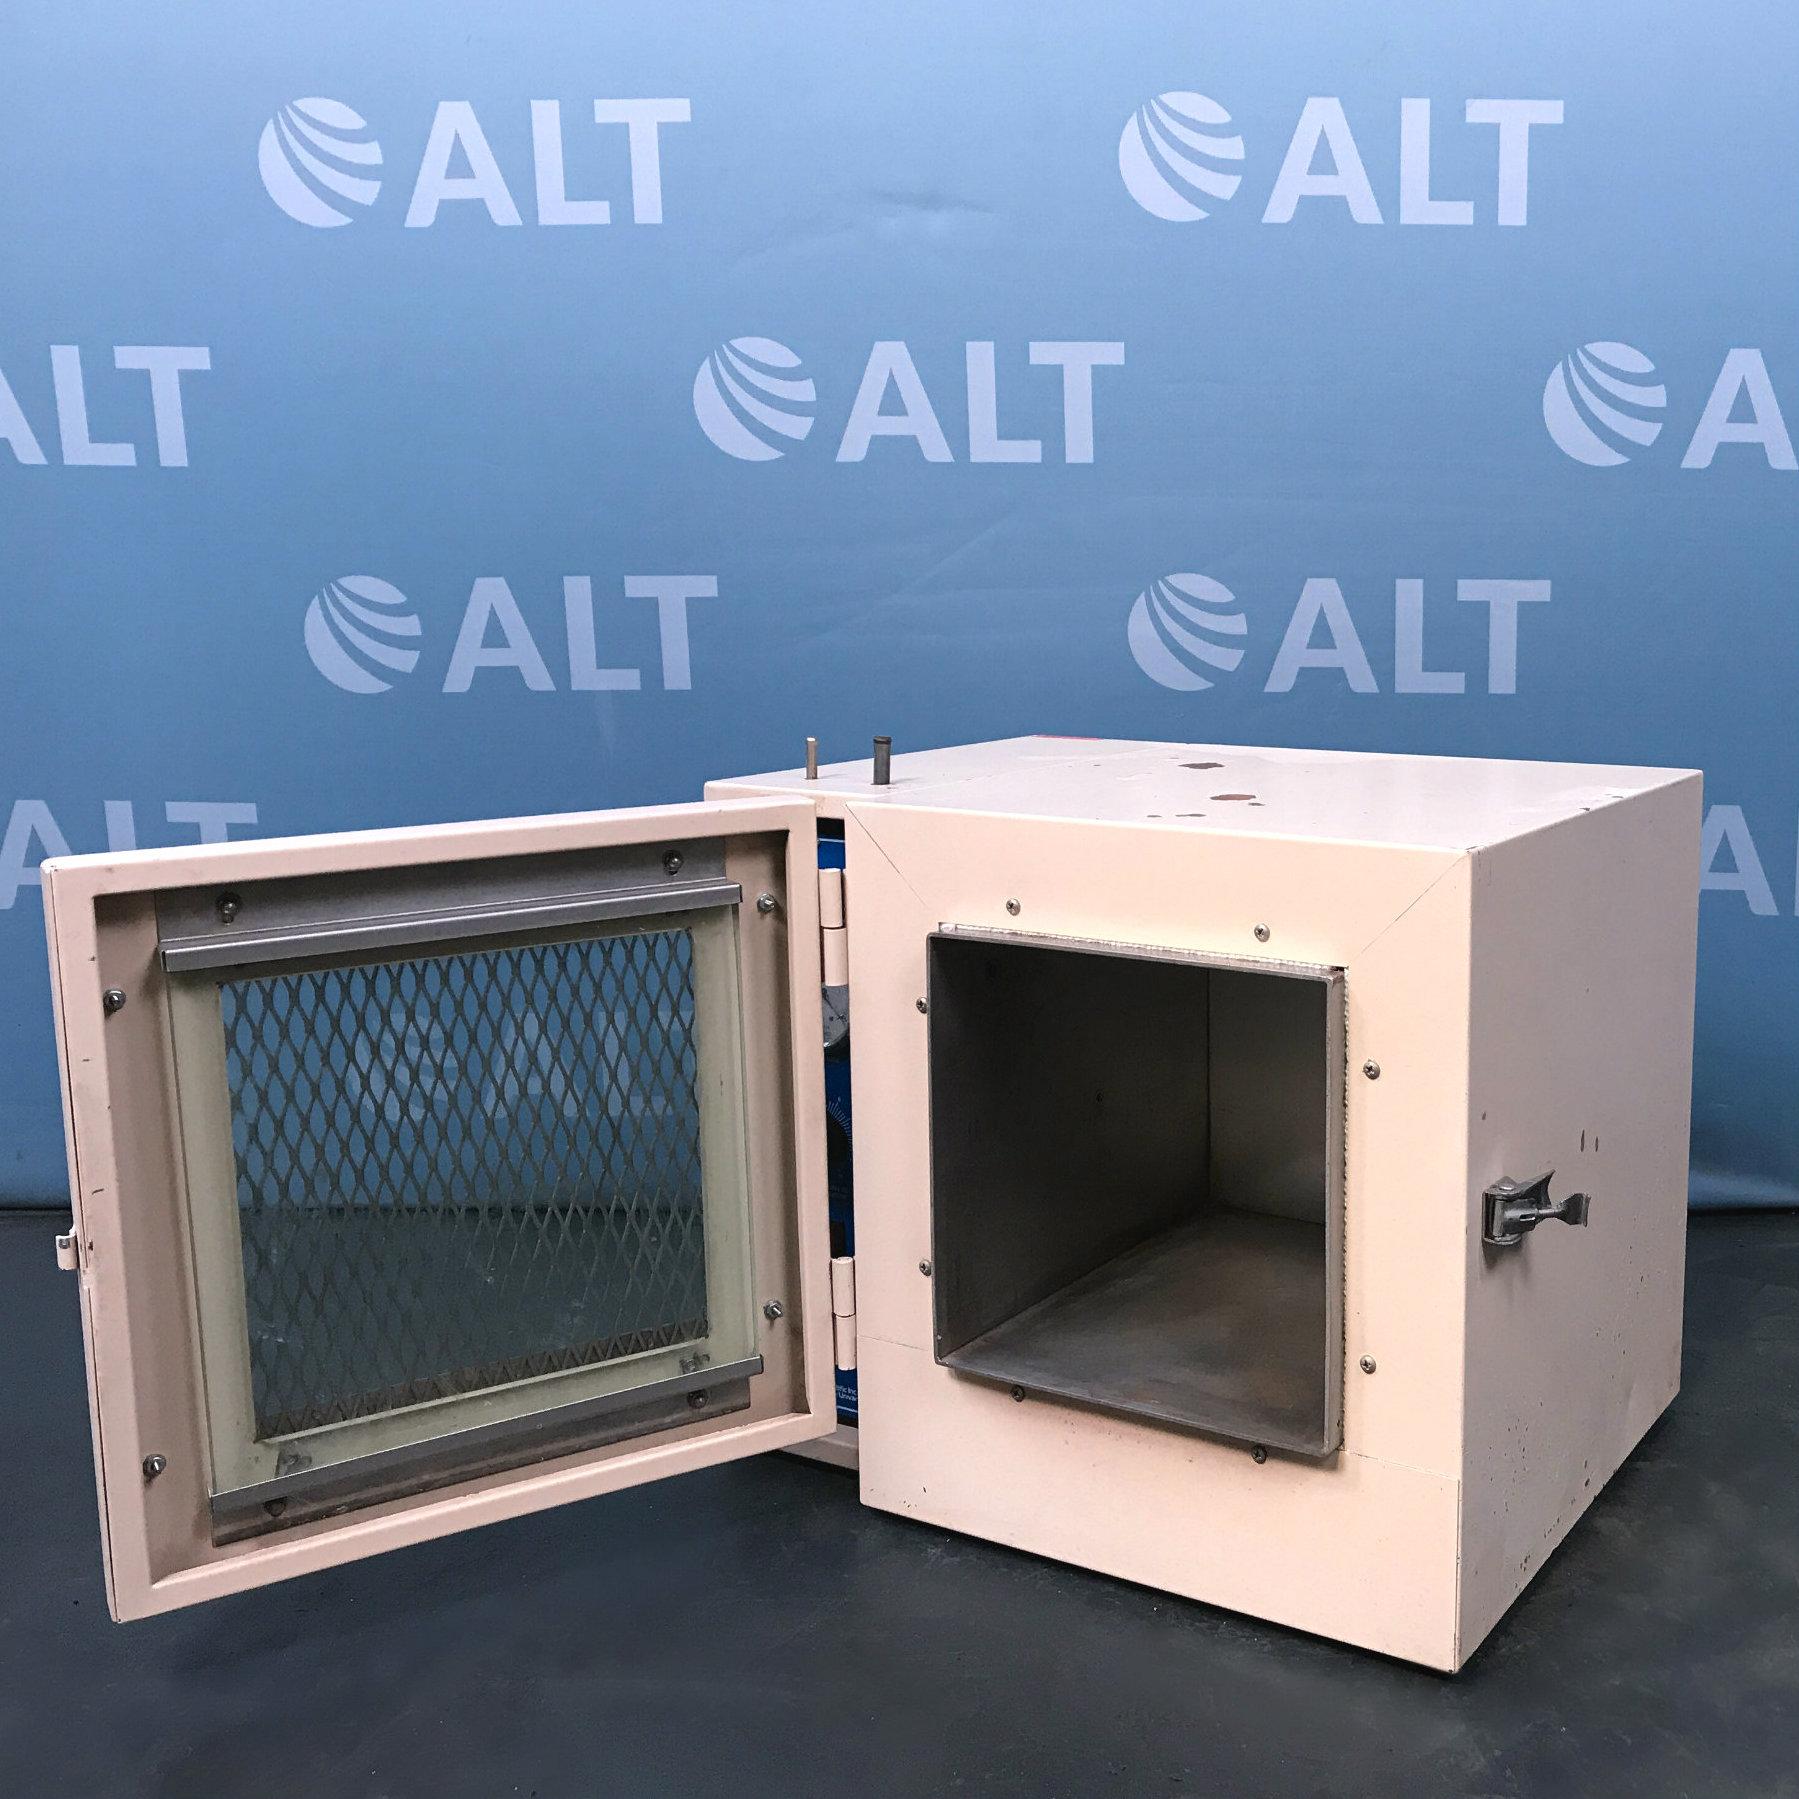 VWR Scientific 1410 Vacuum Oven Image